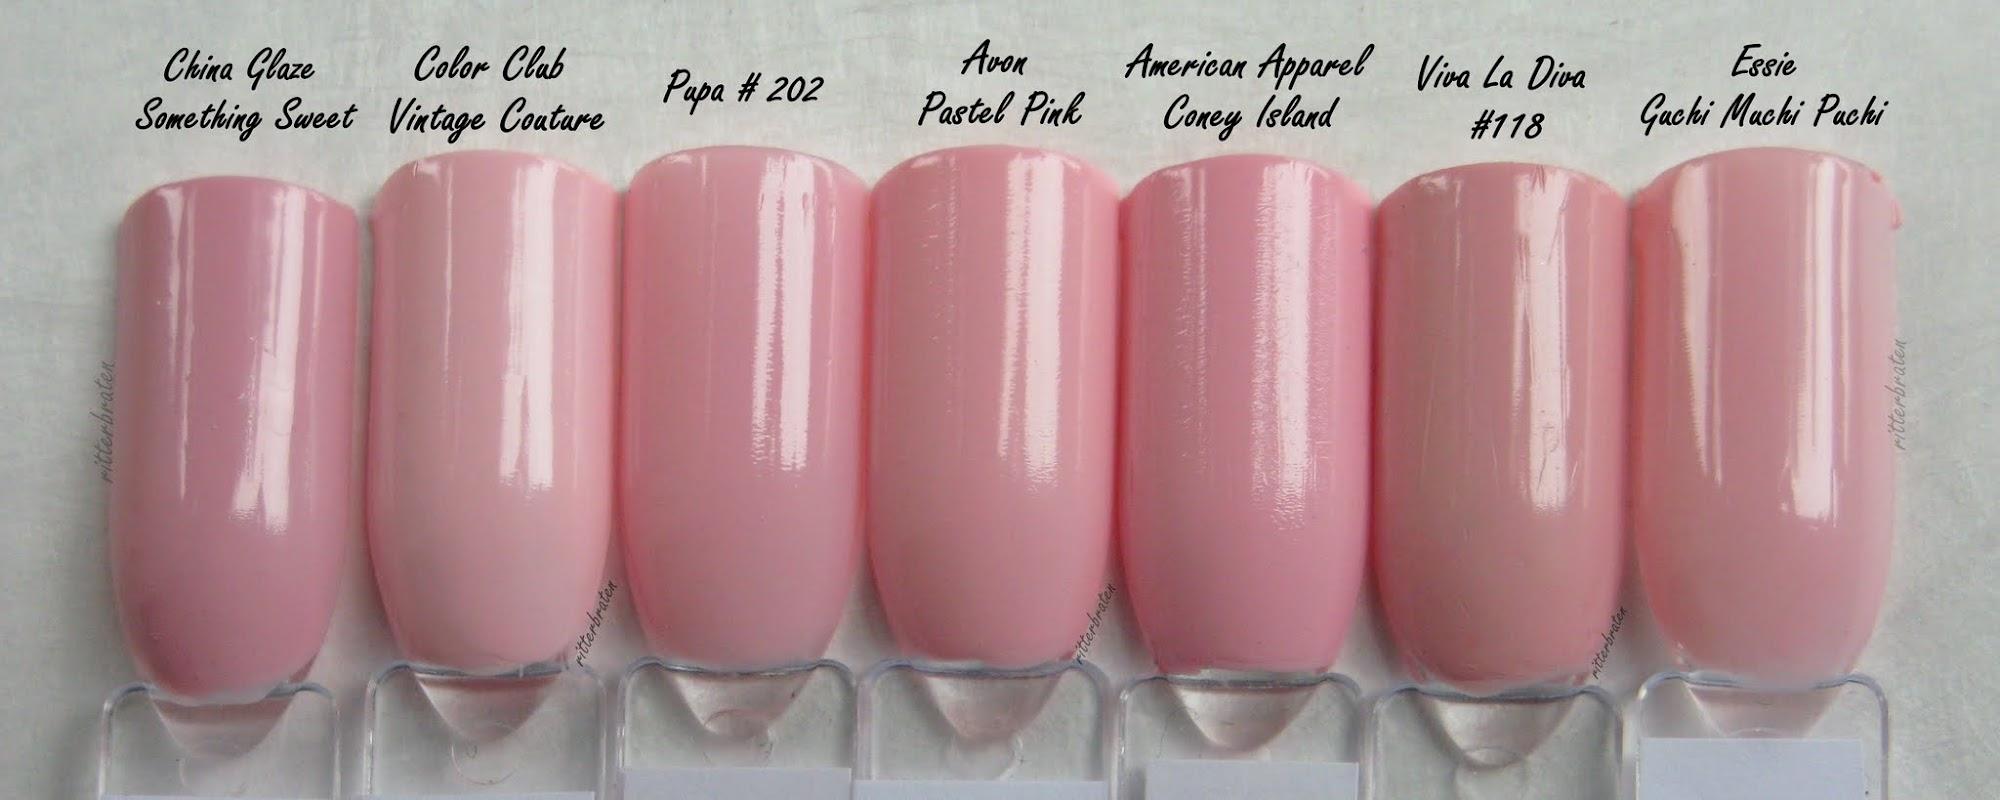 pastel pink comparison